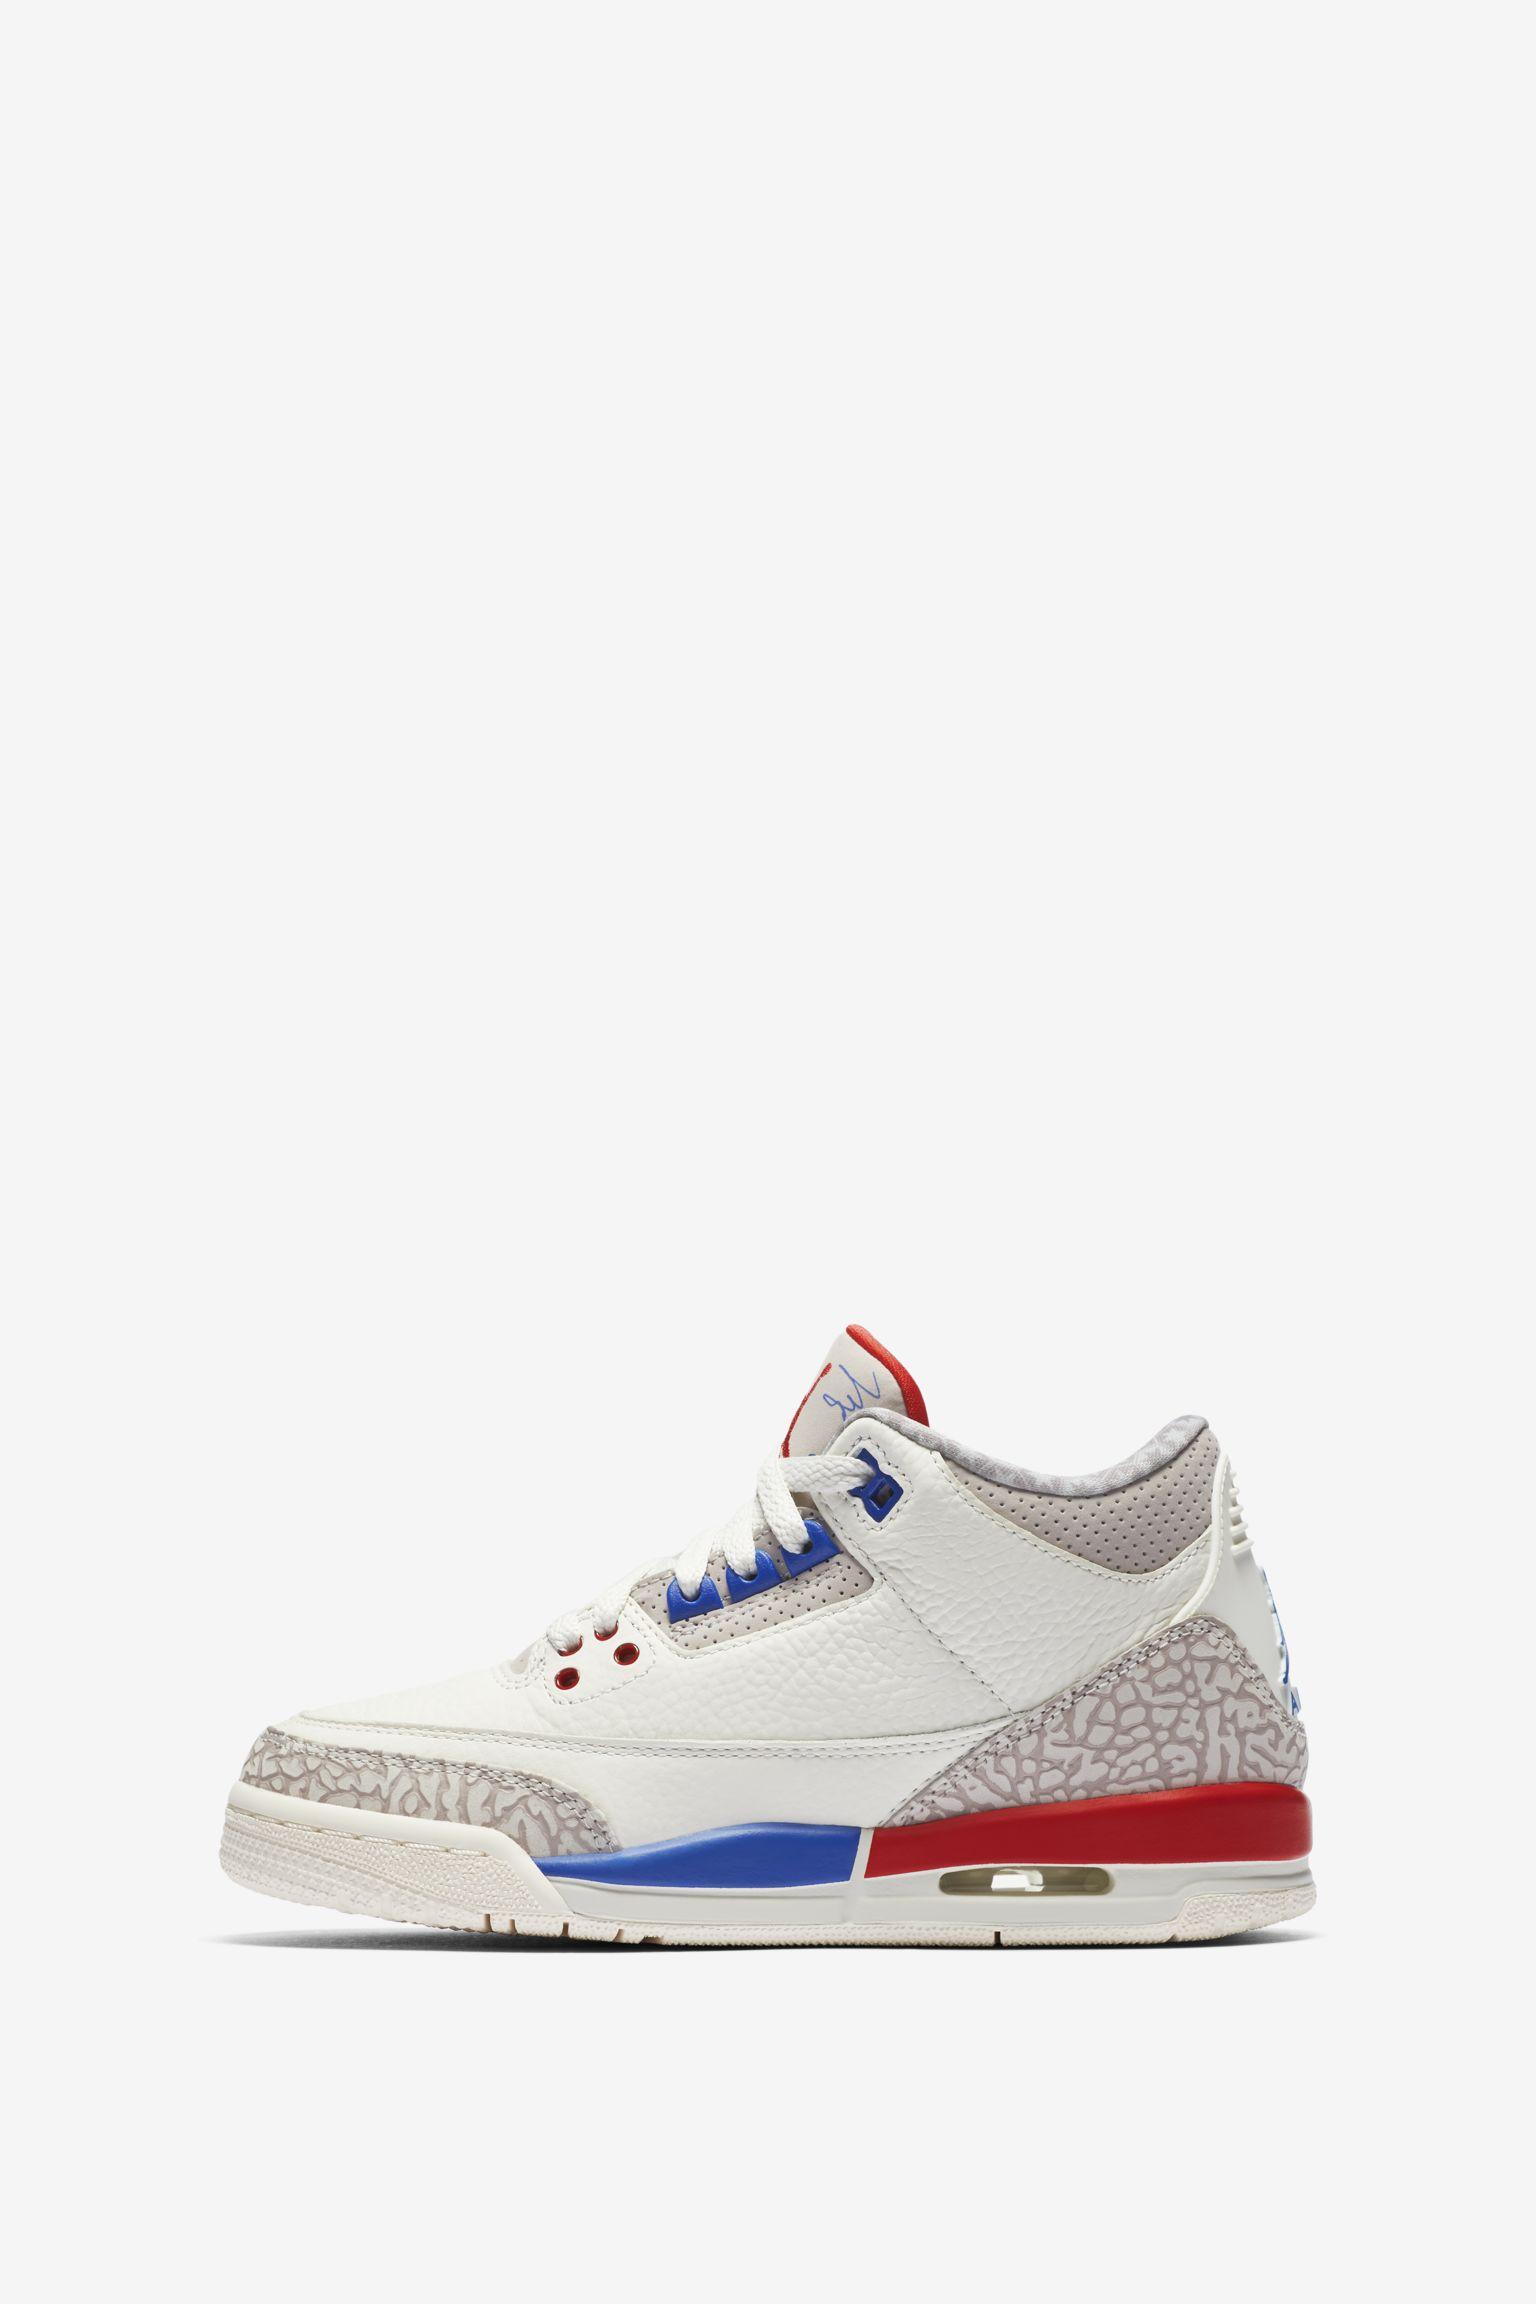 Air Jordan 3 'Sail' Release Date